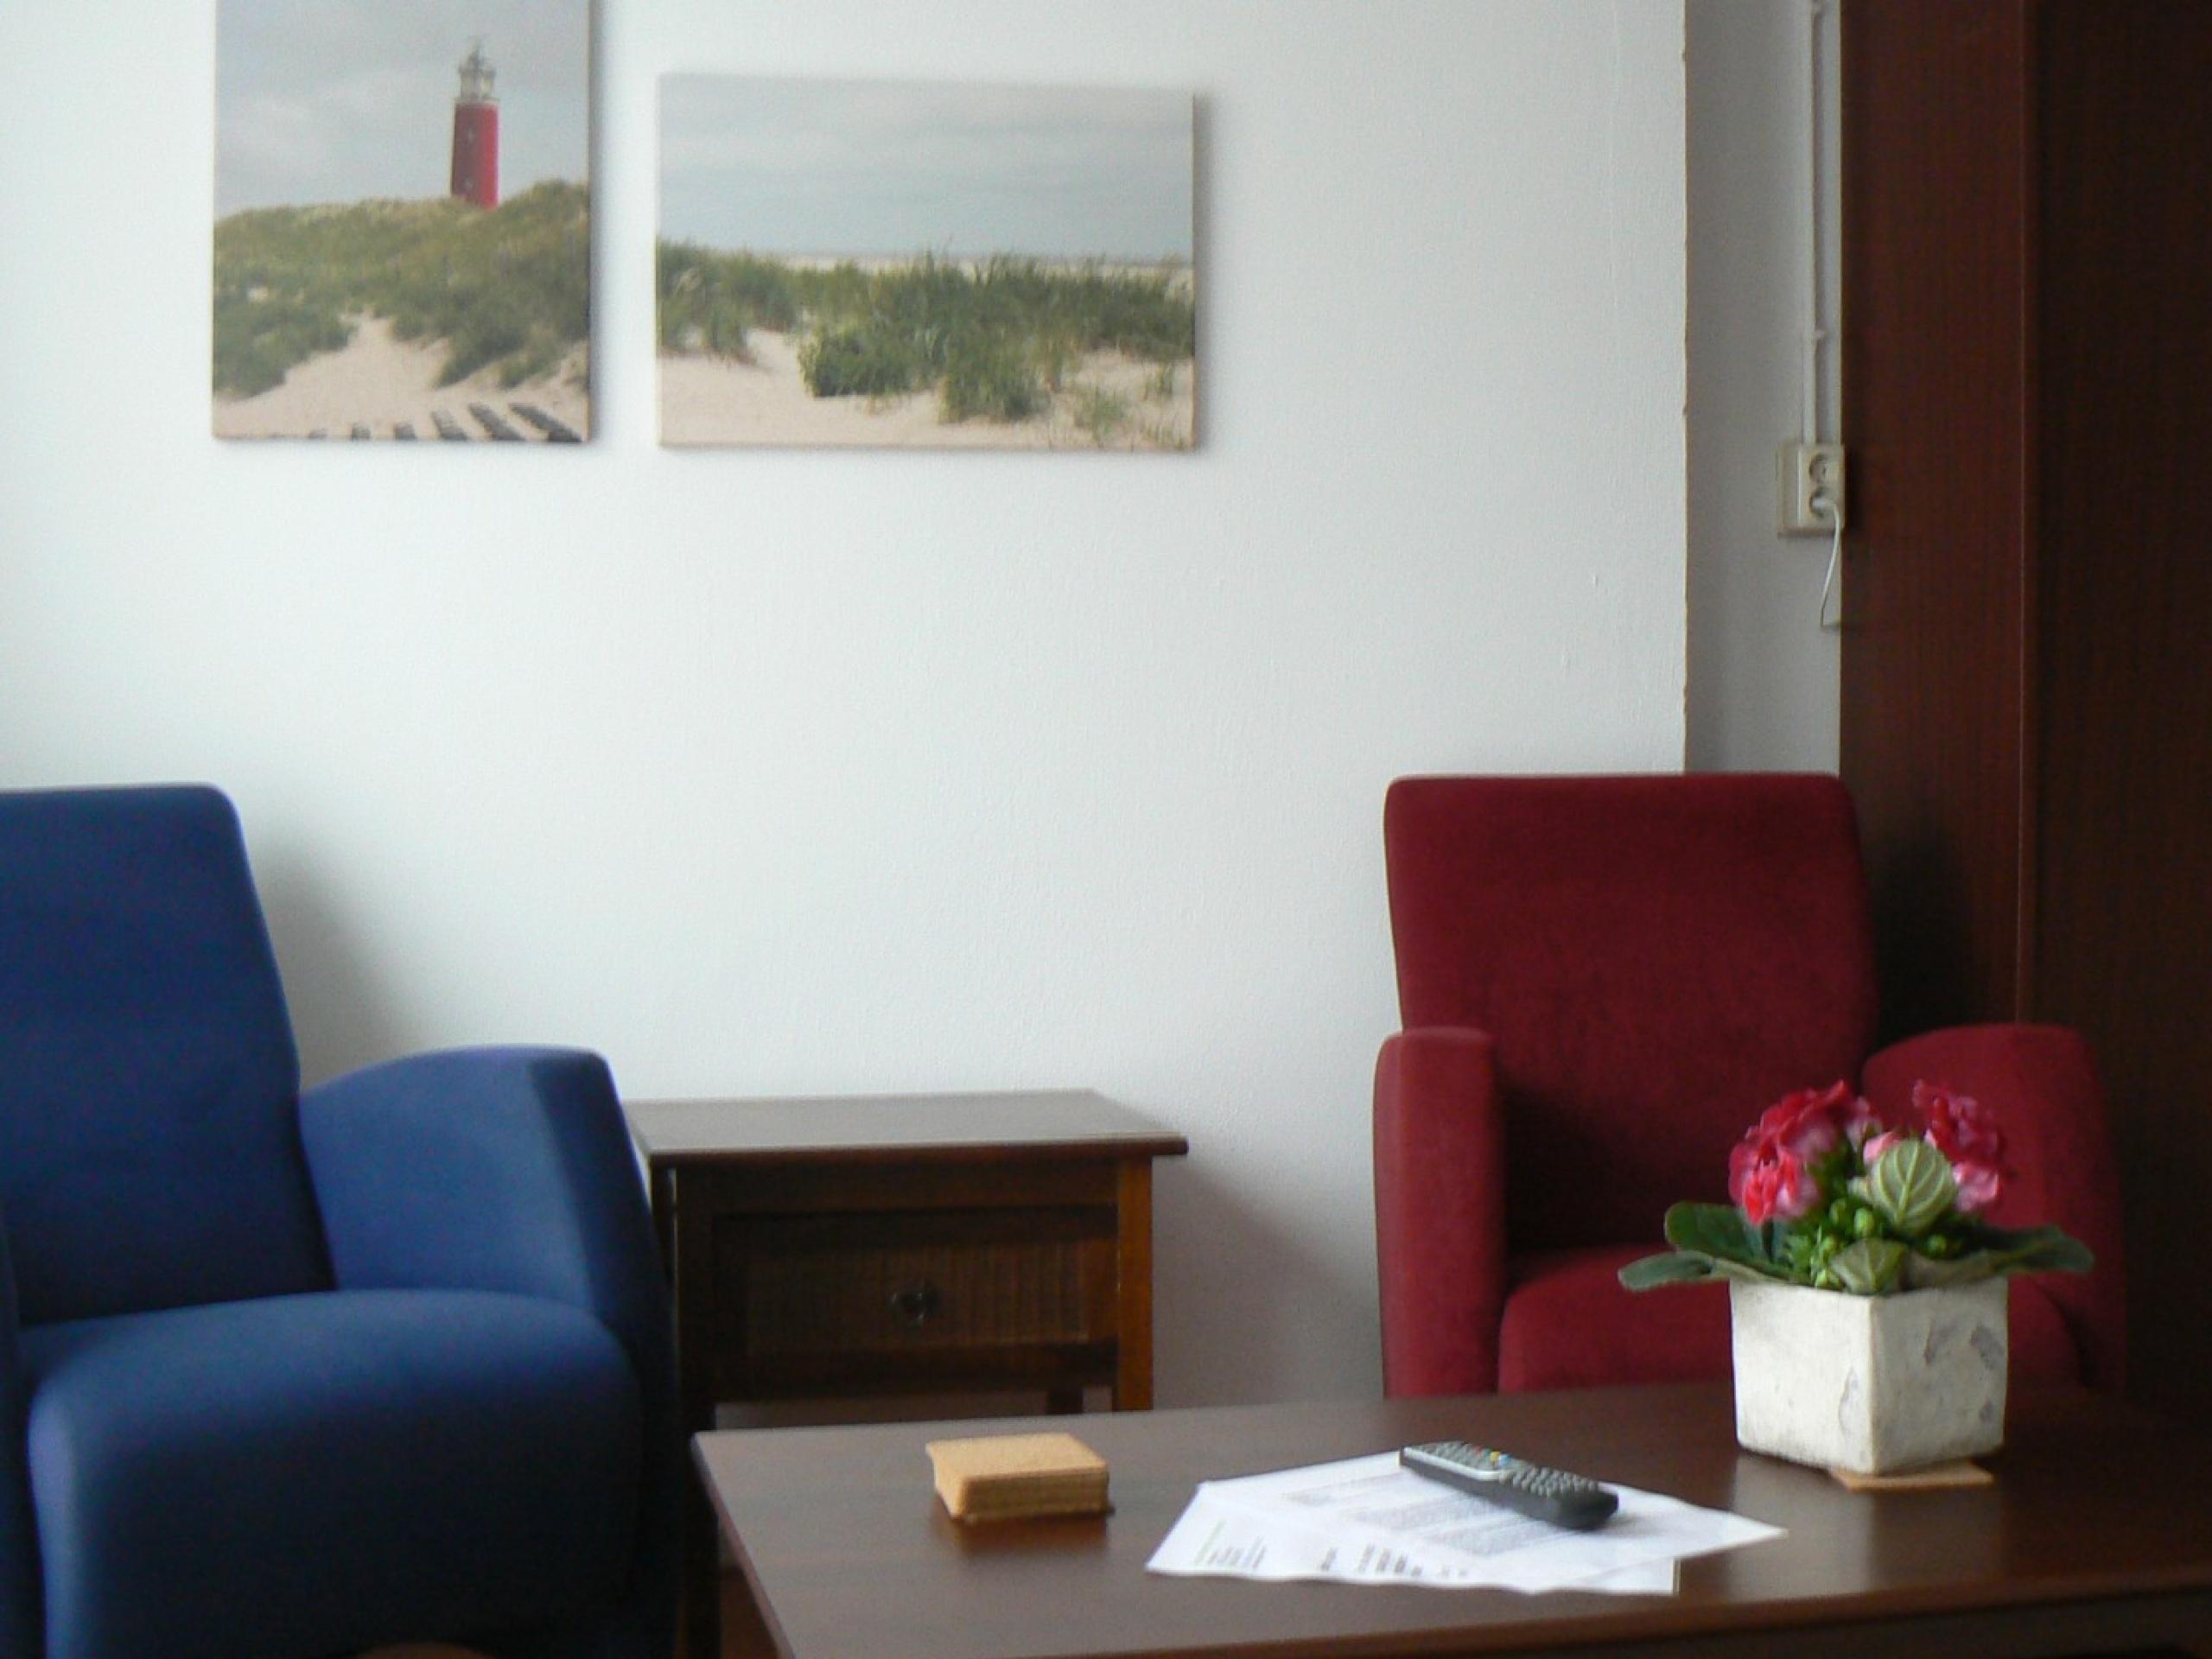 Knus appartement met rustige ligging vlakbij het strand in De Koog